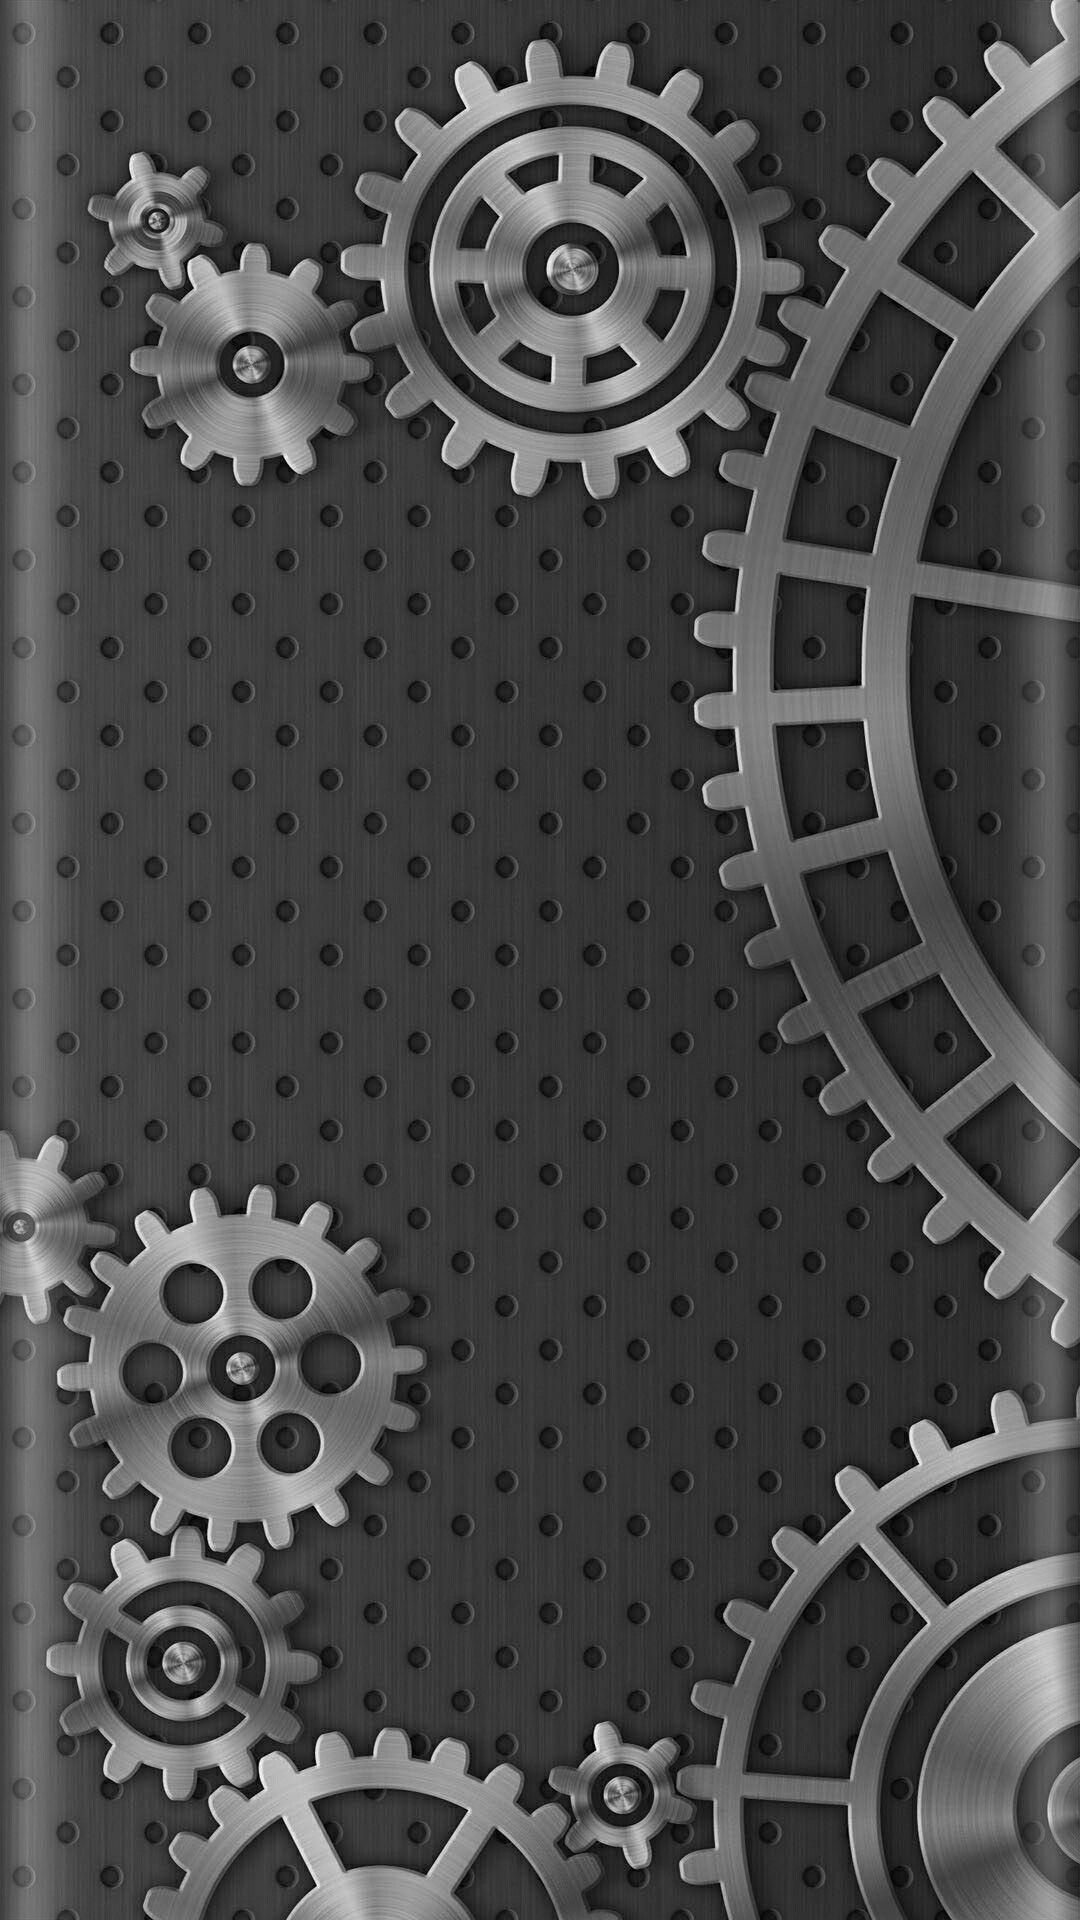 W Phone Gear Wallpaper Cellphone Wallpaper Samsung Wallpaper